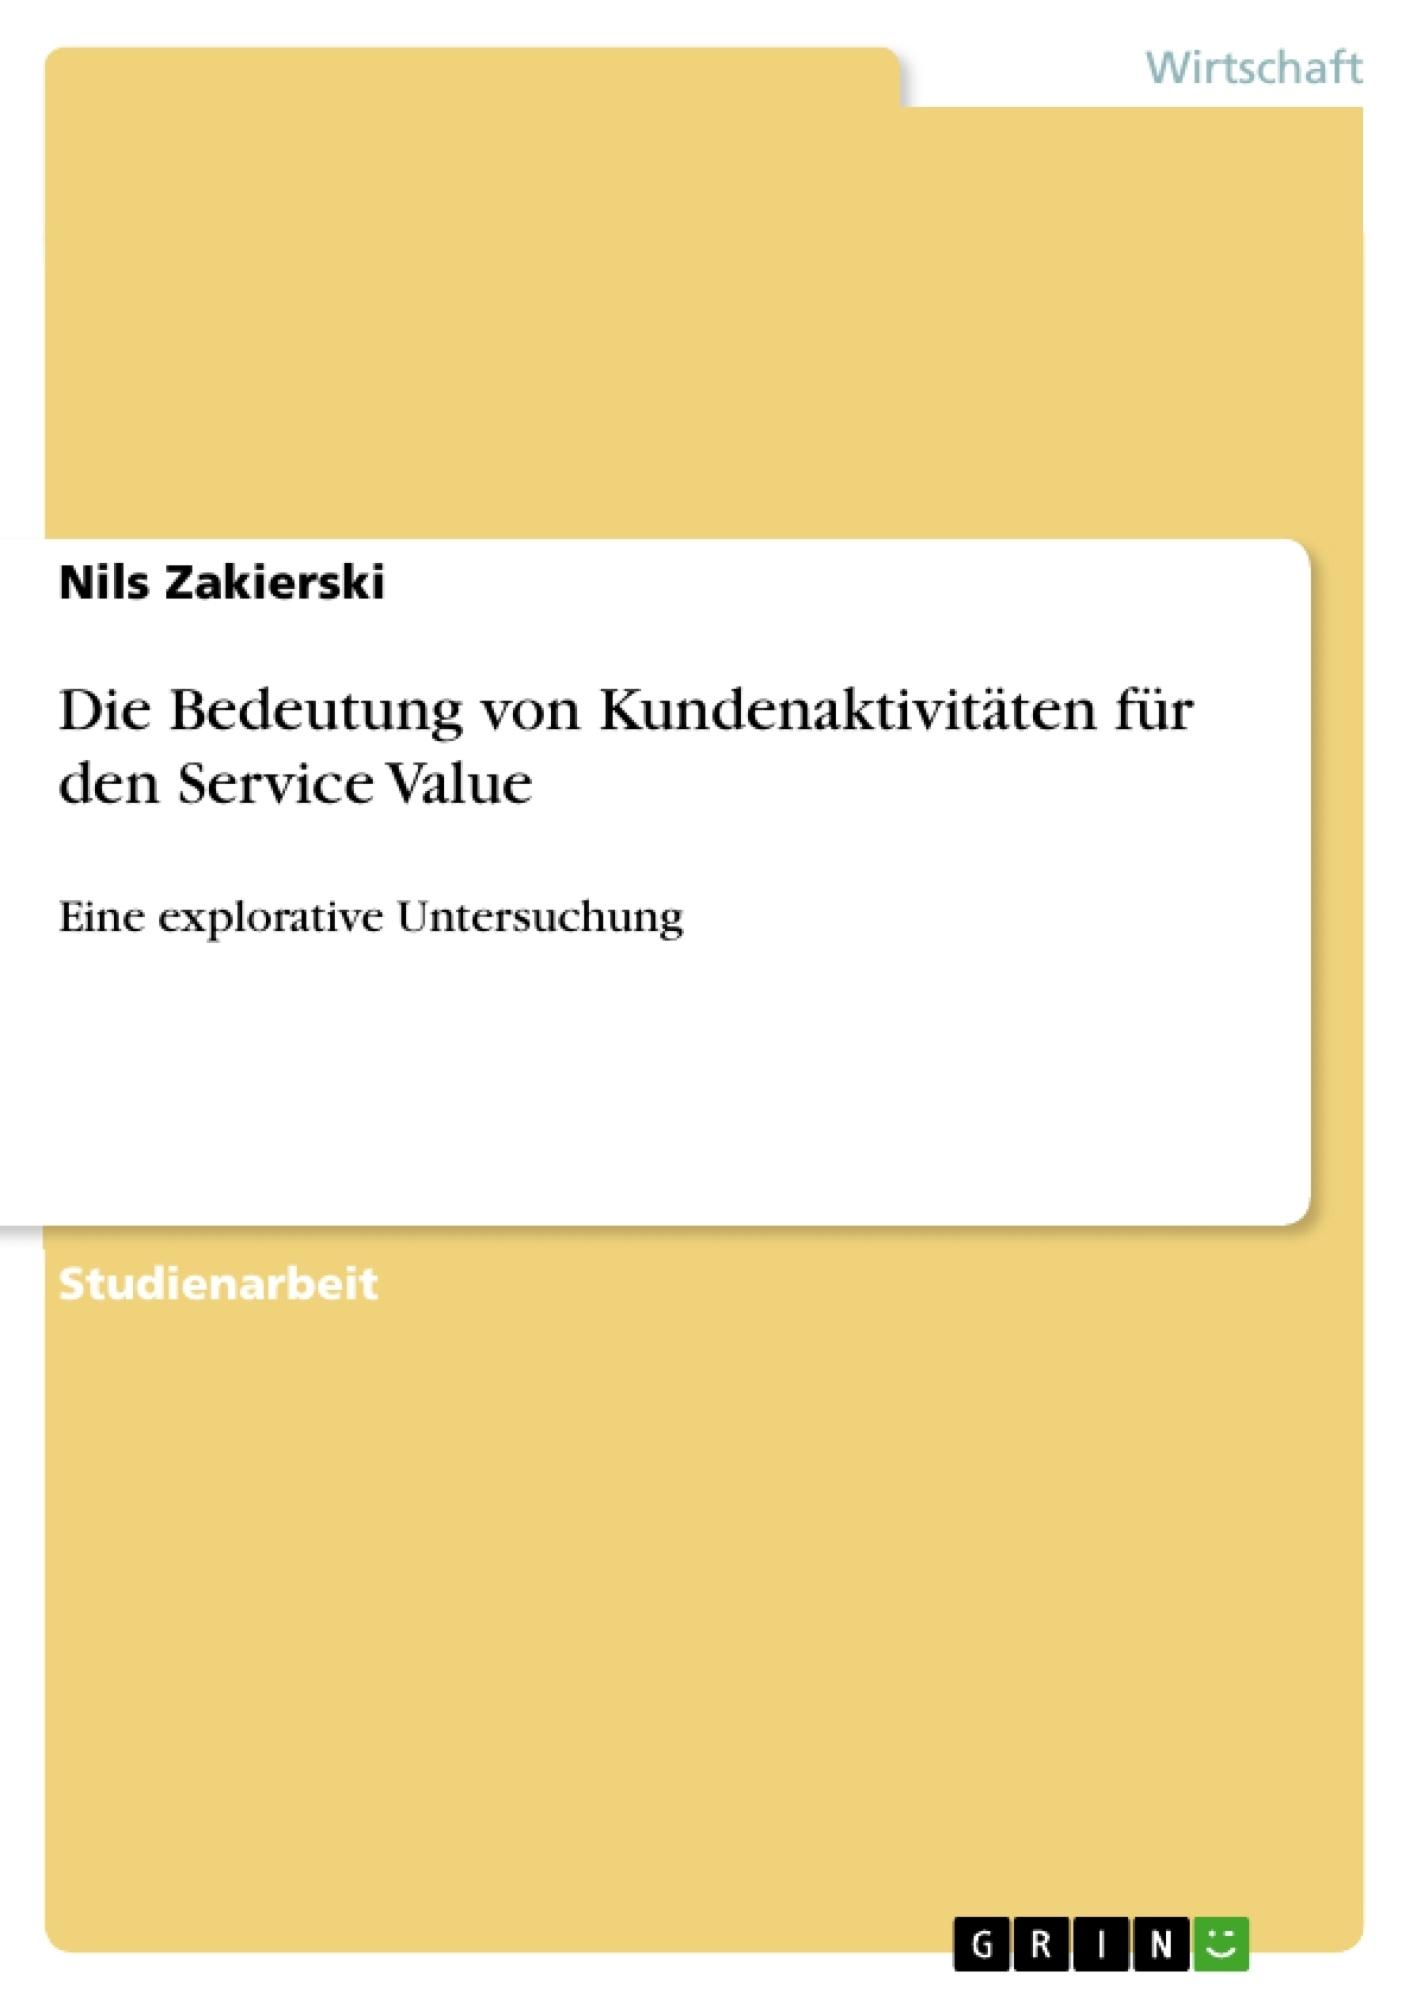 Titel: Die Bedeutung von Kundenaktivitäten für den Service Value